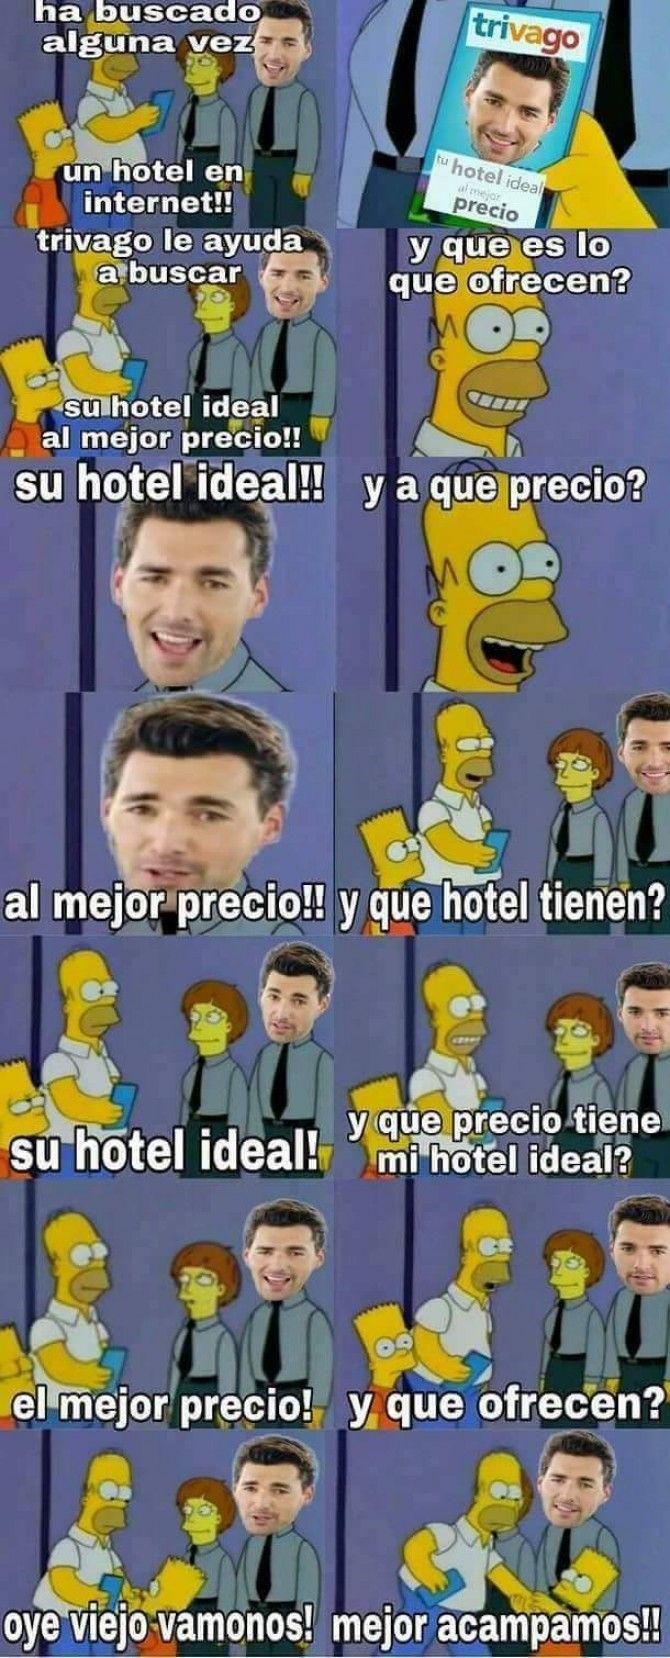 Trivago - Tu hotel ideal al mejor precio ;) Para más imágenes graciosas visita: https://www.Huevadas.net #meme #humor #chistes #viral #amor #huevadasnet